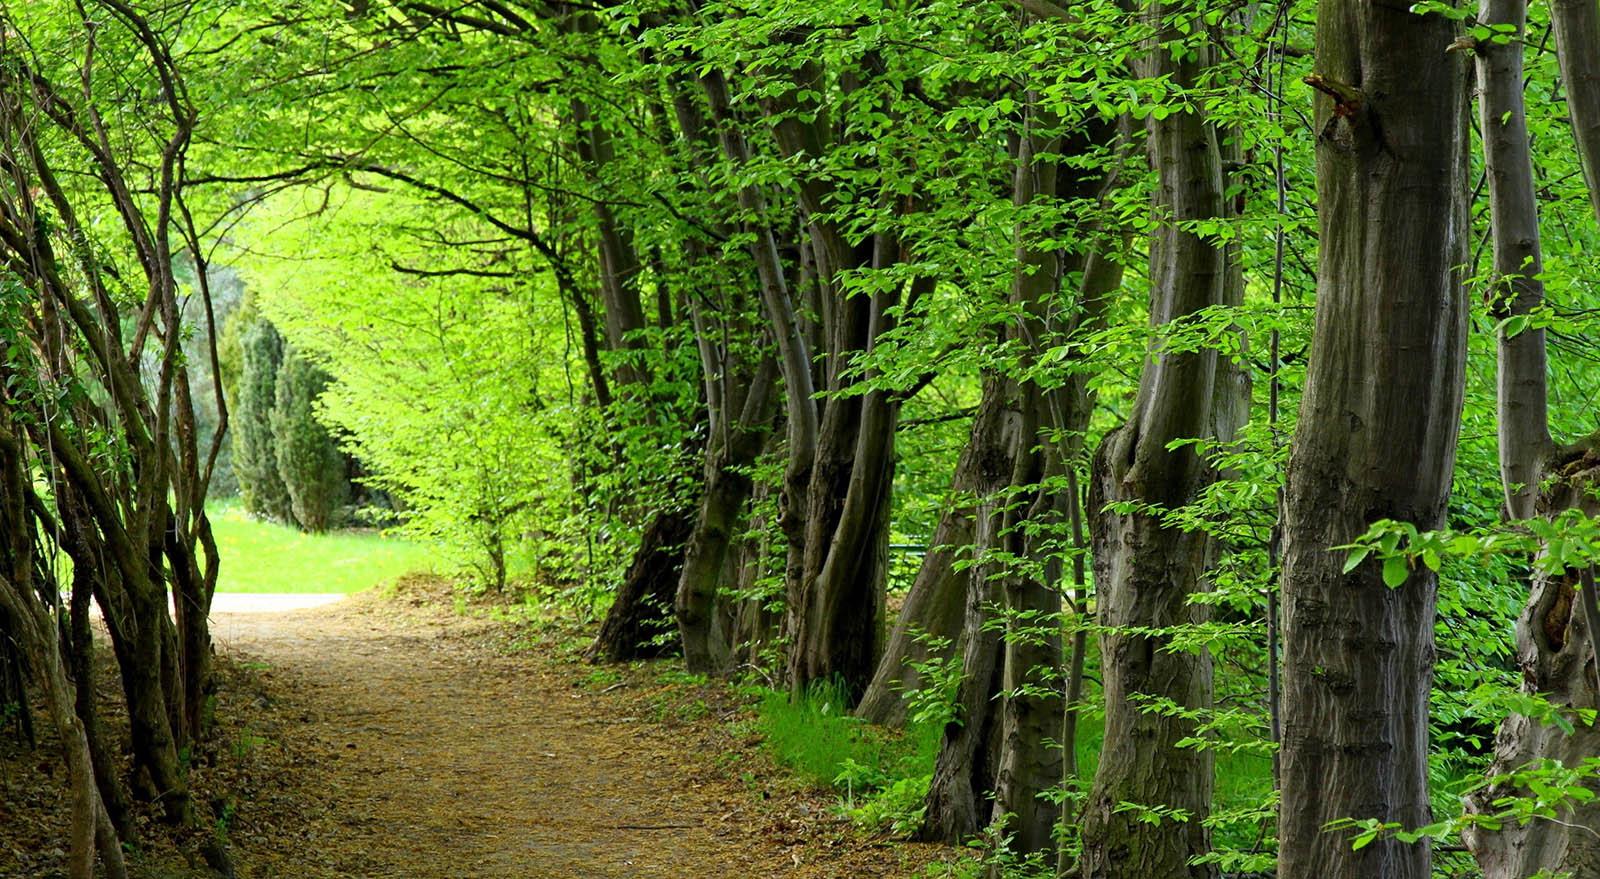 میراث طبیعی جنگل های هیرکانی ایران در آستانه ثبت جهانی